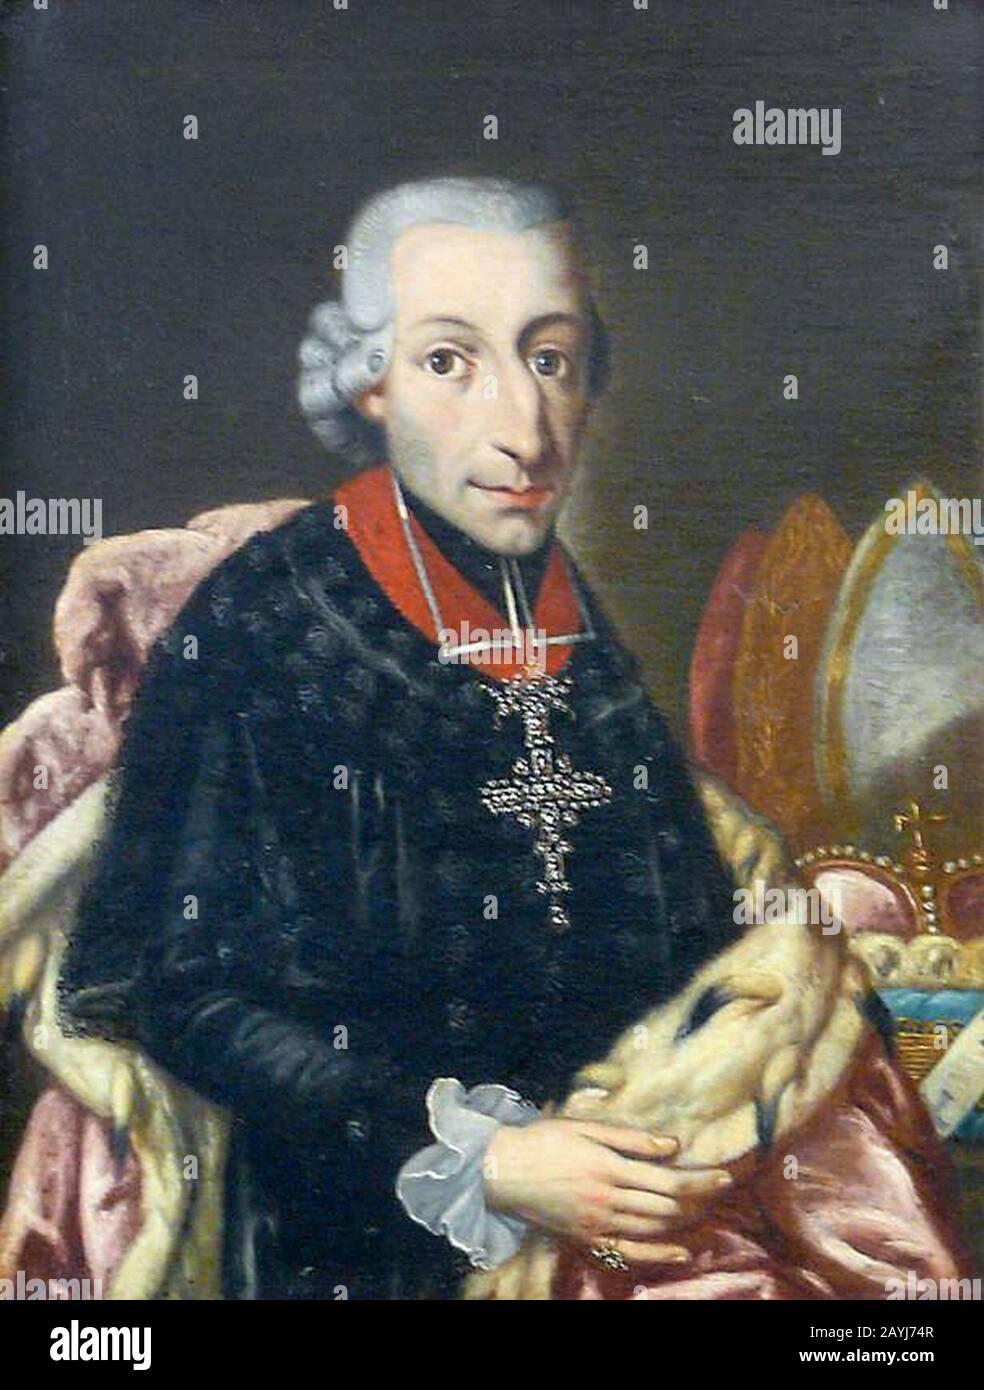 Maria sophia von erthal